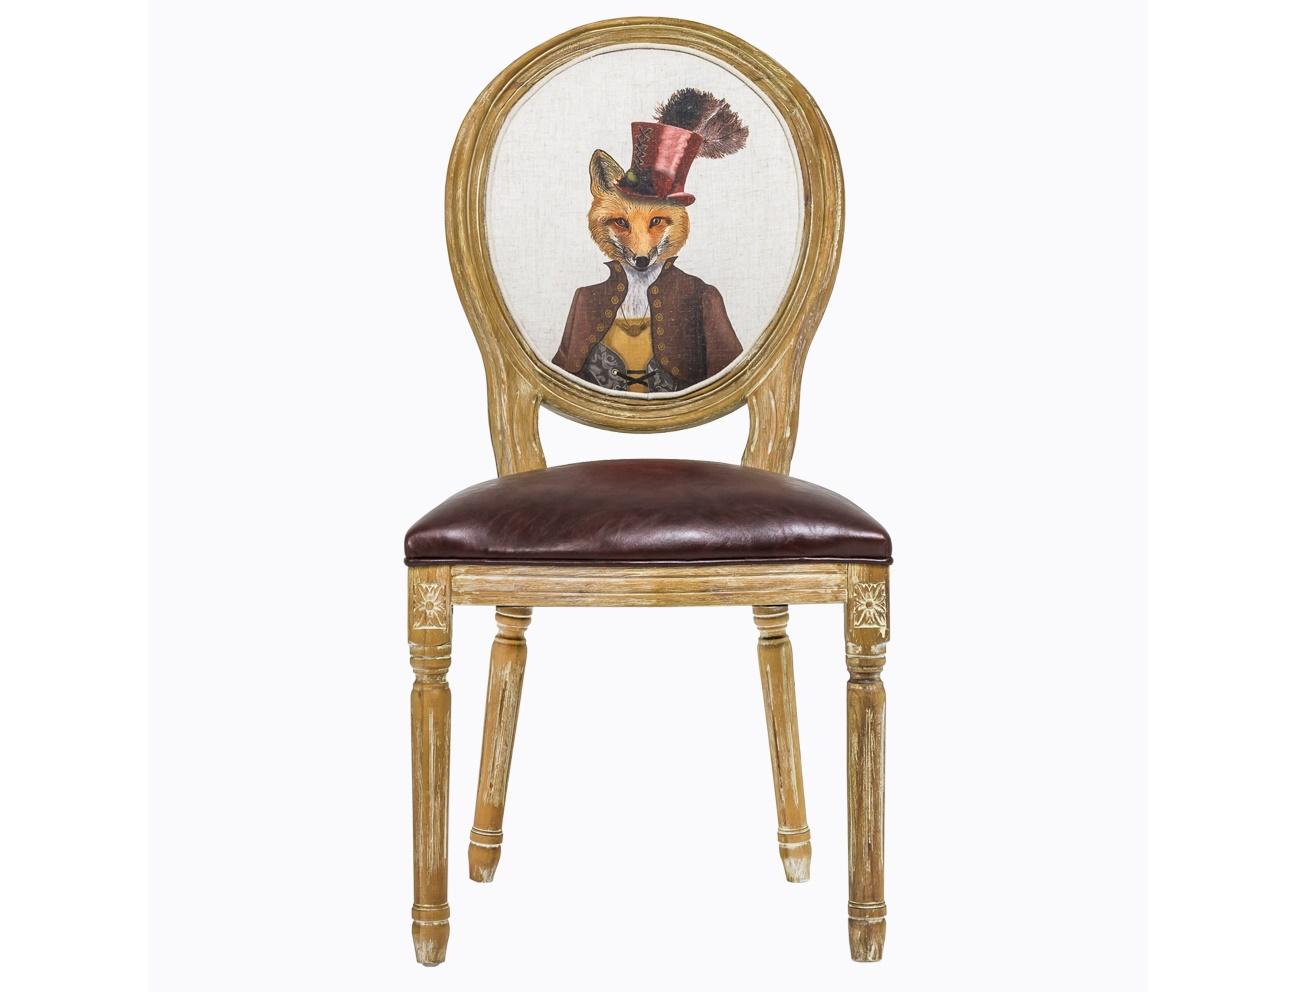 Стул «Мисс Лиса»Обеденные стулья<br>&amp;lt;div&amp;gt;Чем хороша эклектика в интерьере, так это умением разбавить привычное необычным. Стул в лучших традициях французской мебели времен Луи-Филиппа украшен ярким современным принтом. Лисичка в дамском костюме для верховой езды – оригинально, не скучно, да и стилистически – точно в яблочко! Стул изготовлен из натурального массива бука и украшен резьбой вручную. Древесина выбелена и искусственно состарена. Вес стула равен 7 кг. Обивка сиденья выполнена из эко-кожи.&amp;lt;/div&amp;gt;<br><br>Material: Кожа<br>Ширина см: 57<br>Высота см: 98